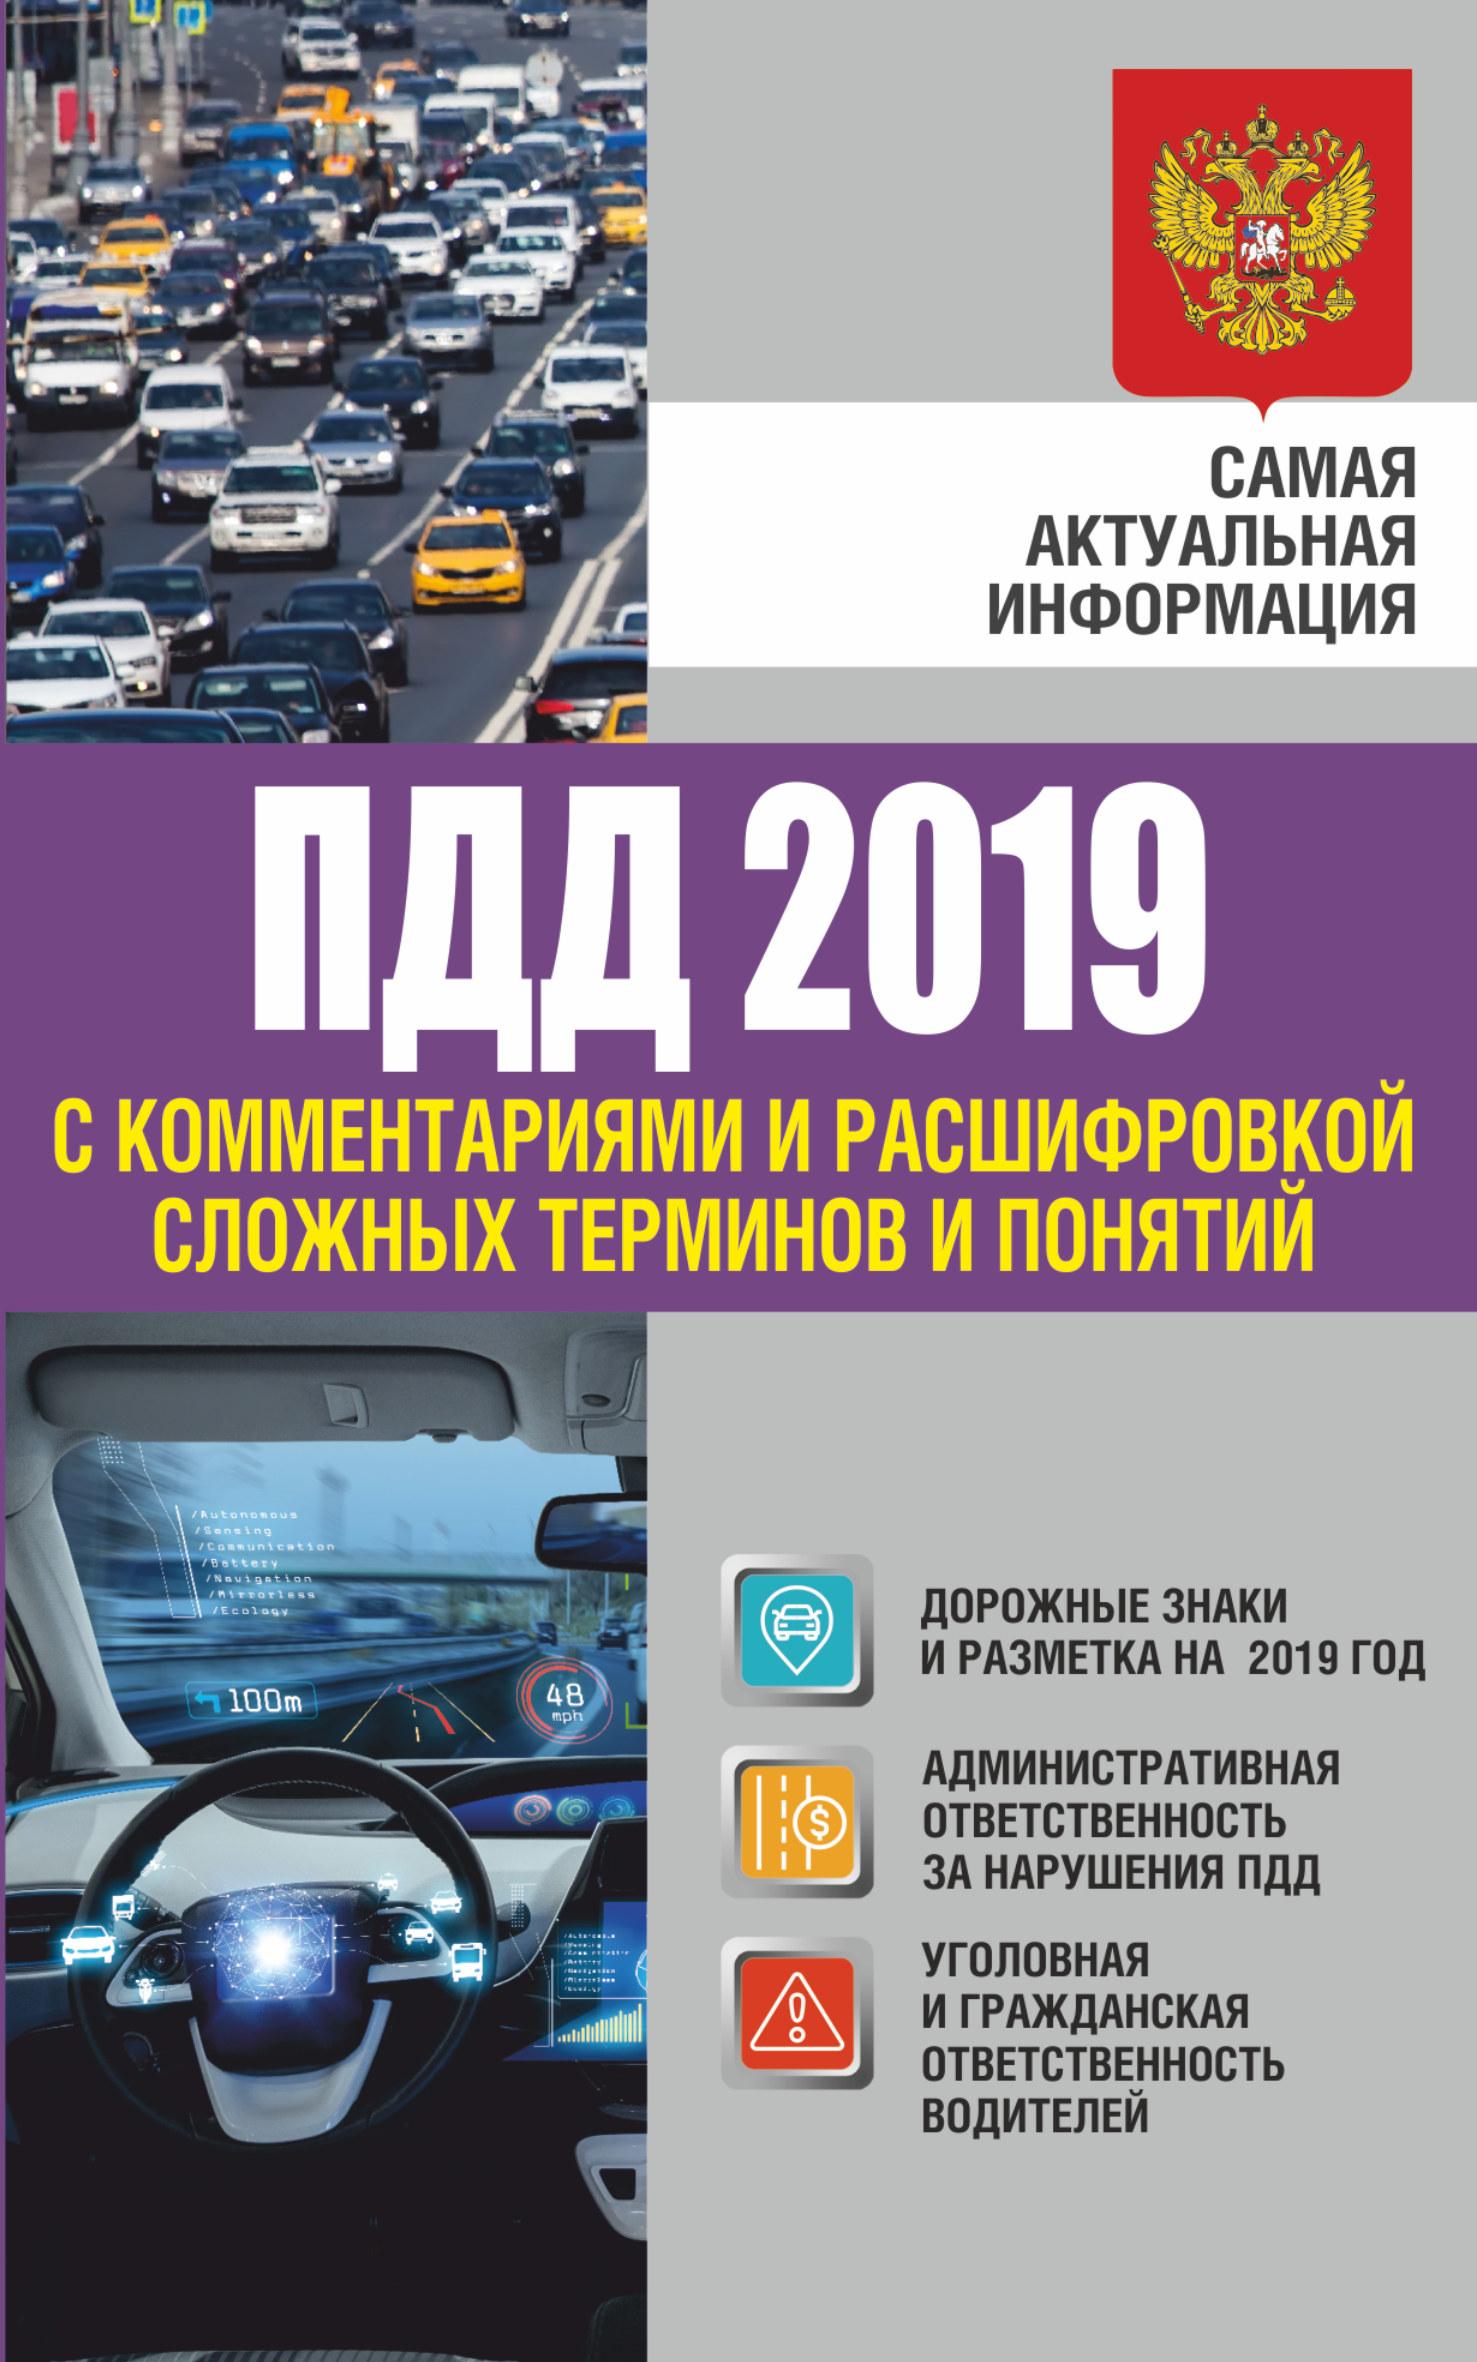 . Правила дорожного движения 2019 с комментариями и расшифровкой сложных терминов и понятий